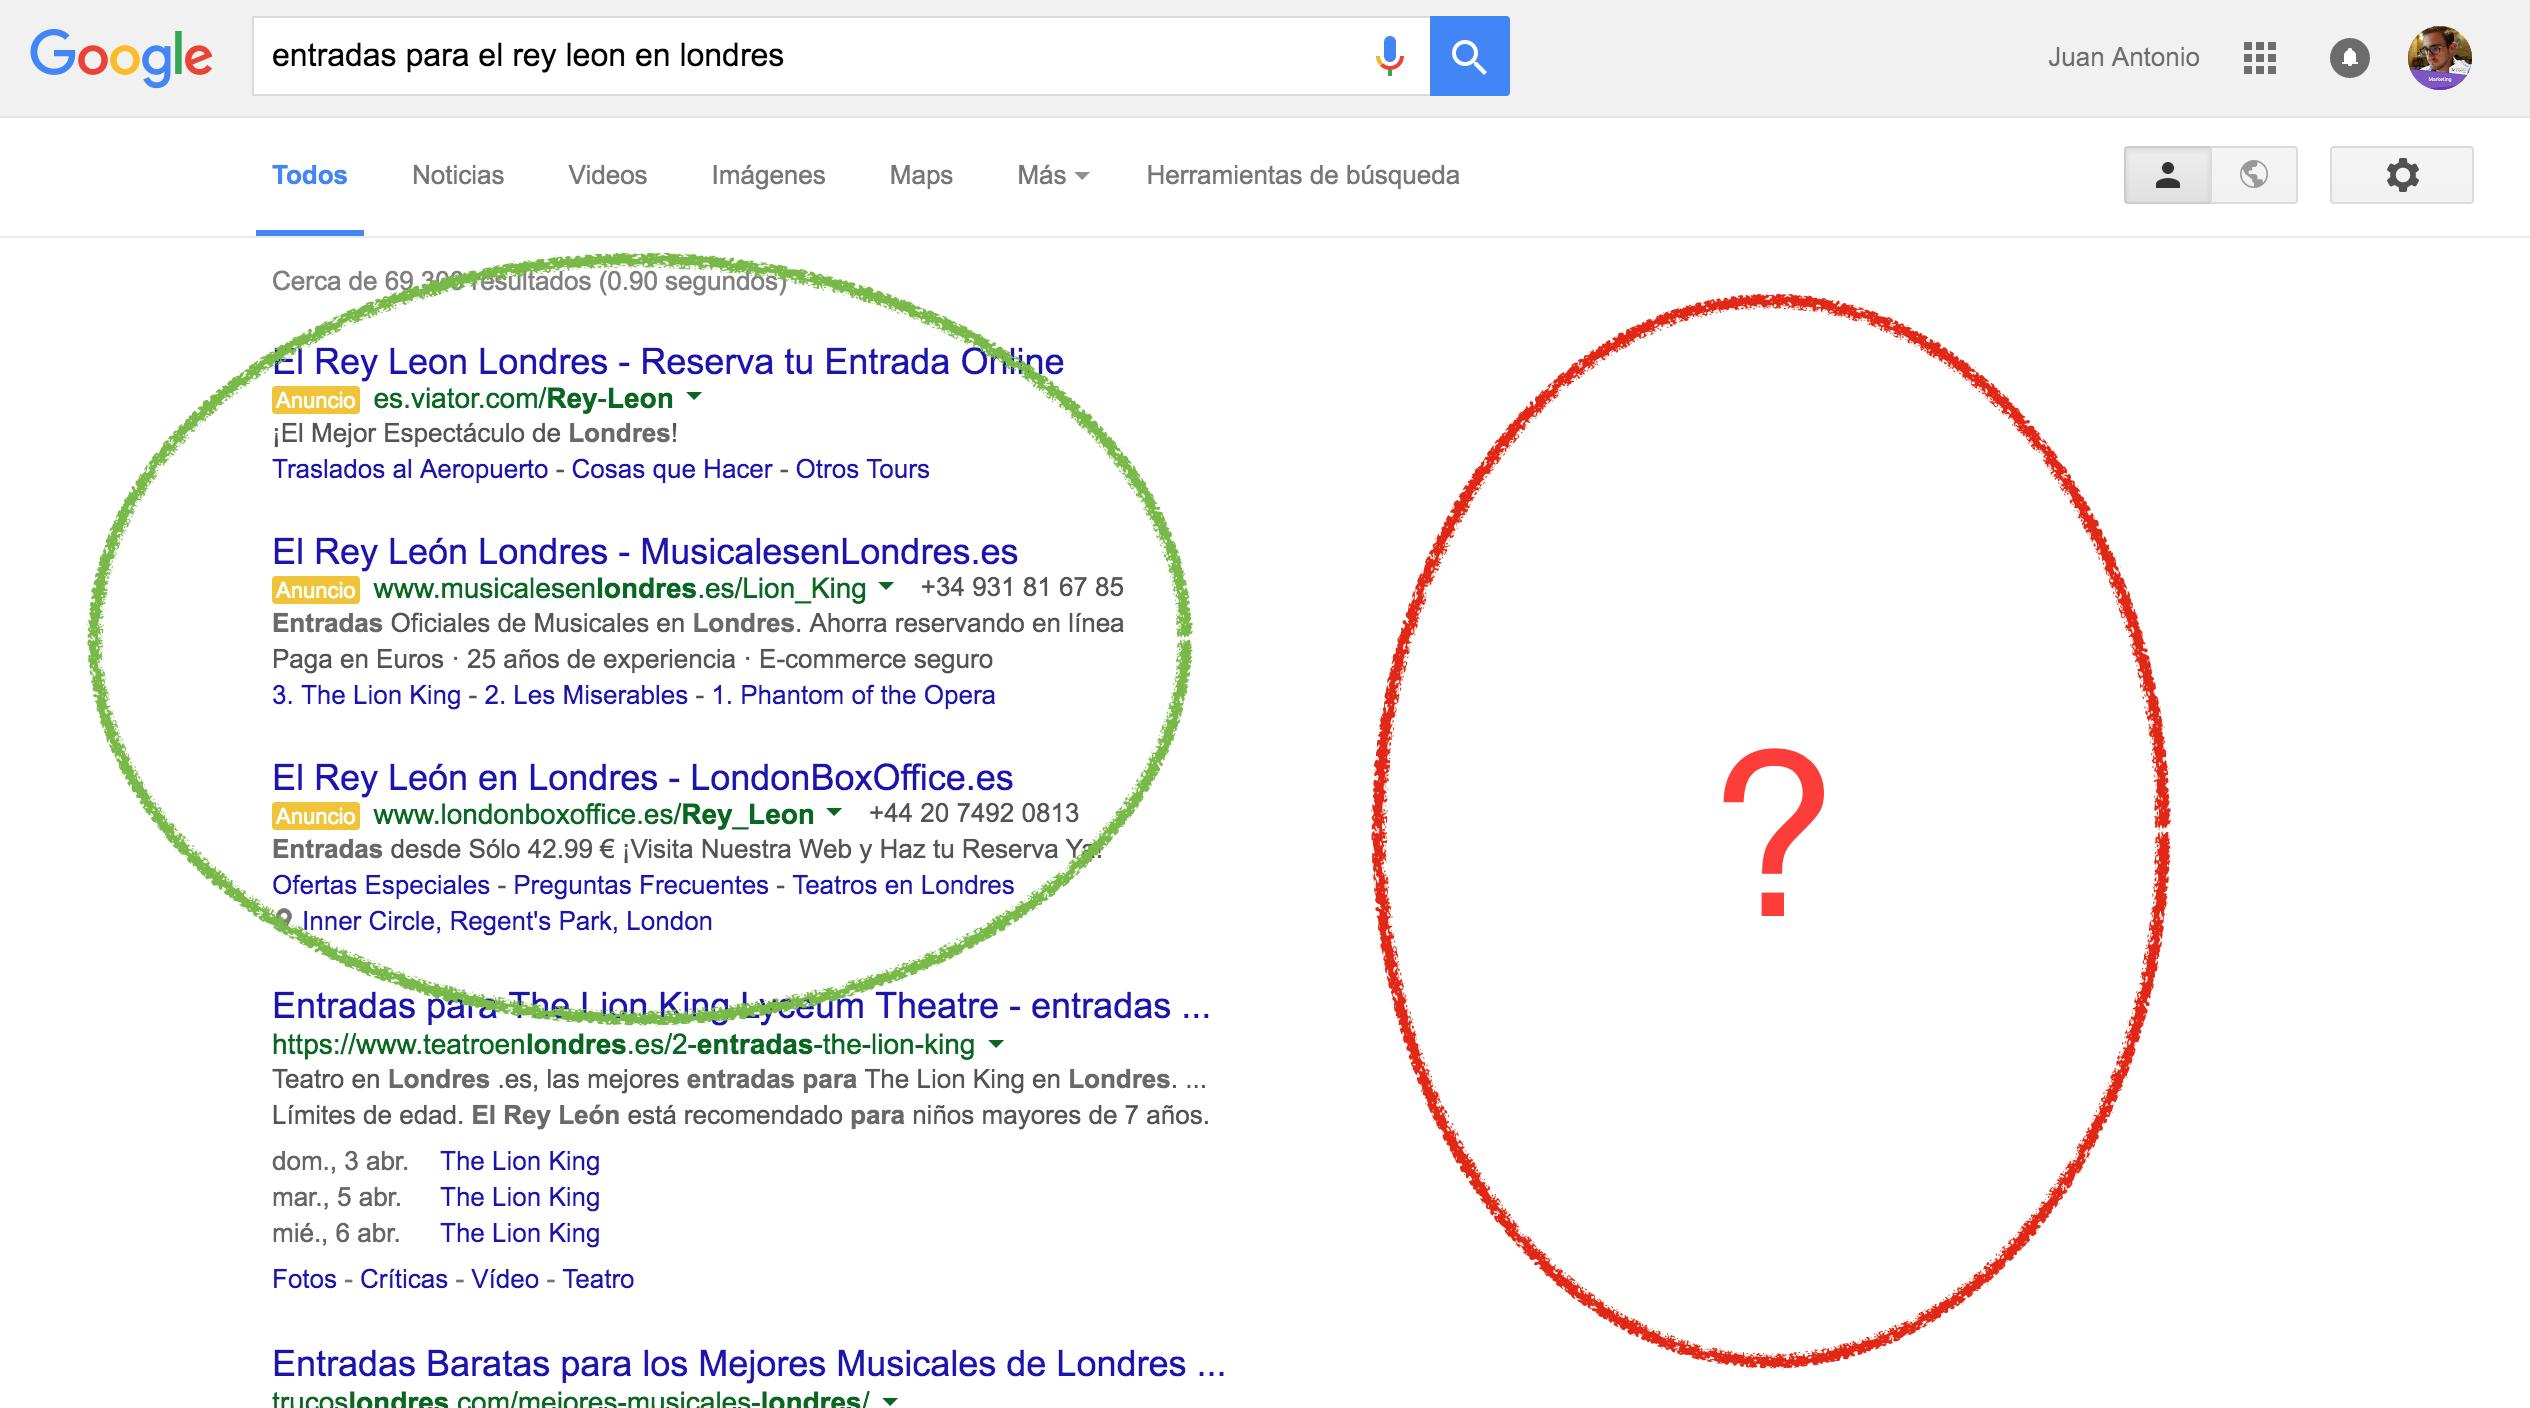 cambio más drástico de google